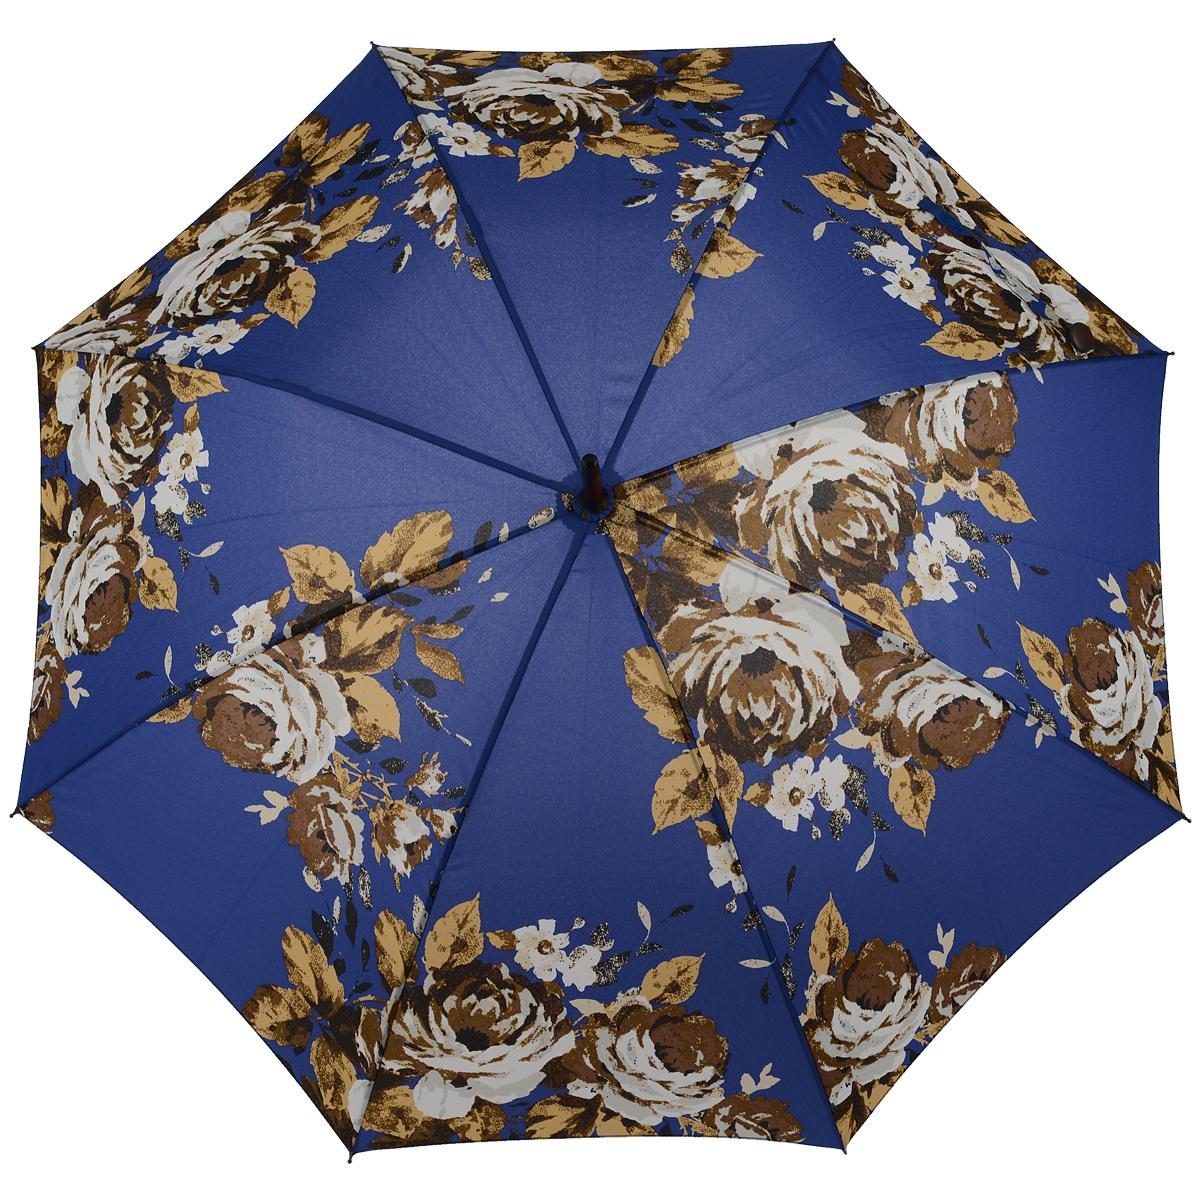 Зонт-трость женский Antique Rose Blue, механический, цвет: синийREM12-CAM-GREENBLACKСтильный механический зонт-трость Antique Rose Blue даже в ненастную погоду позволит вам оставаться элегантной. Облегченный каркас зонта выполнен из 8 спиц из фибергласса, стержень изготовлен из дерева. Купол зонта выполнен из прочного полиэстера и оформлен цветочным принтом. Рукоятка закругленной формы разработана с учетом требований эргономики и выполнена из дерева. Зонт имеет механический тип сложения: купол открывается и закрывается вручную до характерного щелчка.Такой зонт не только надежно защитит вас от дождя, но и станет стильным аксессуаром. Характеристики:Материал: полиэстер, фибергласс, дерево. Диаметр купола: 100 см.Цвет: синий. Длина стержня зонта: 76 см. Длина зонта (в сложенном виде): 88 см.Вес: 375 г.Артикул:L056 3F2638.